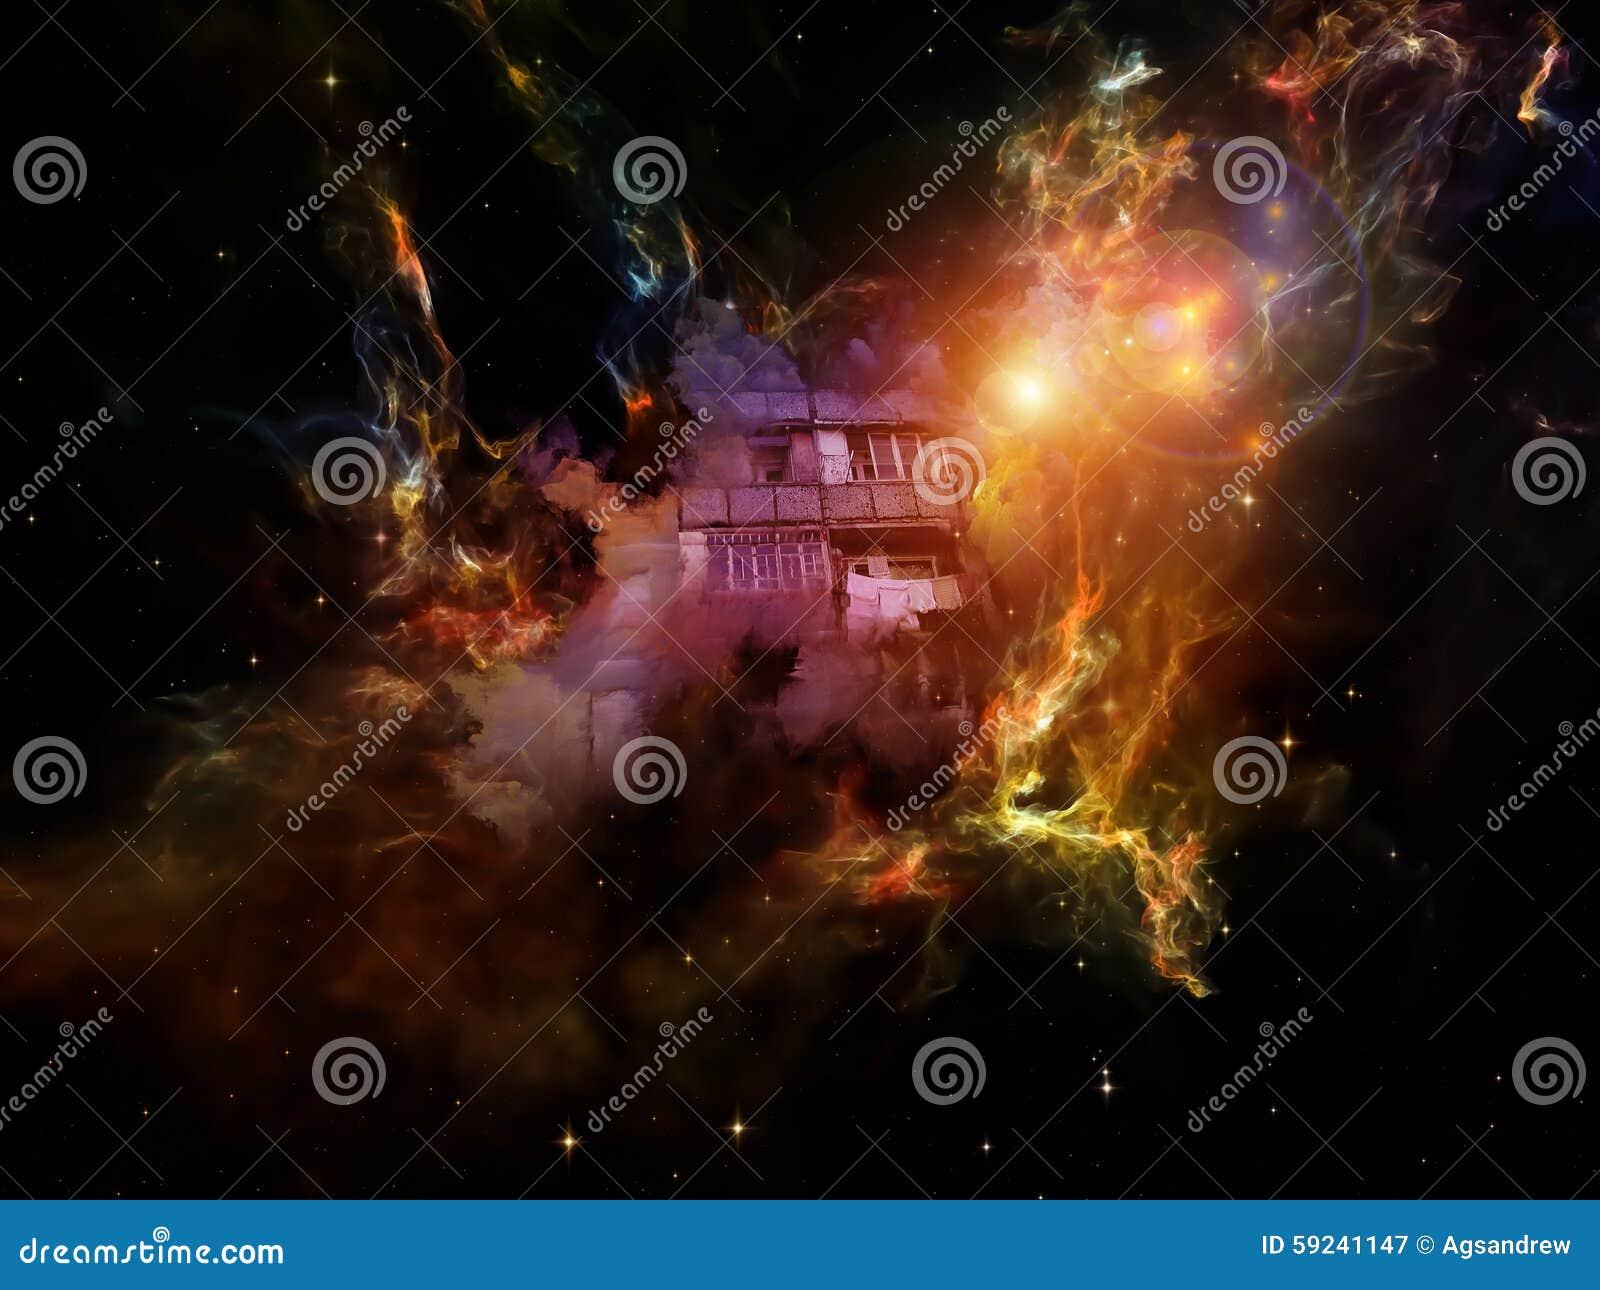 Download Espacio ideal virtual imagen de archivo. Imagen de elemento - 59241147